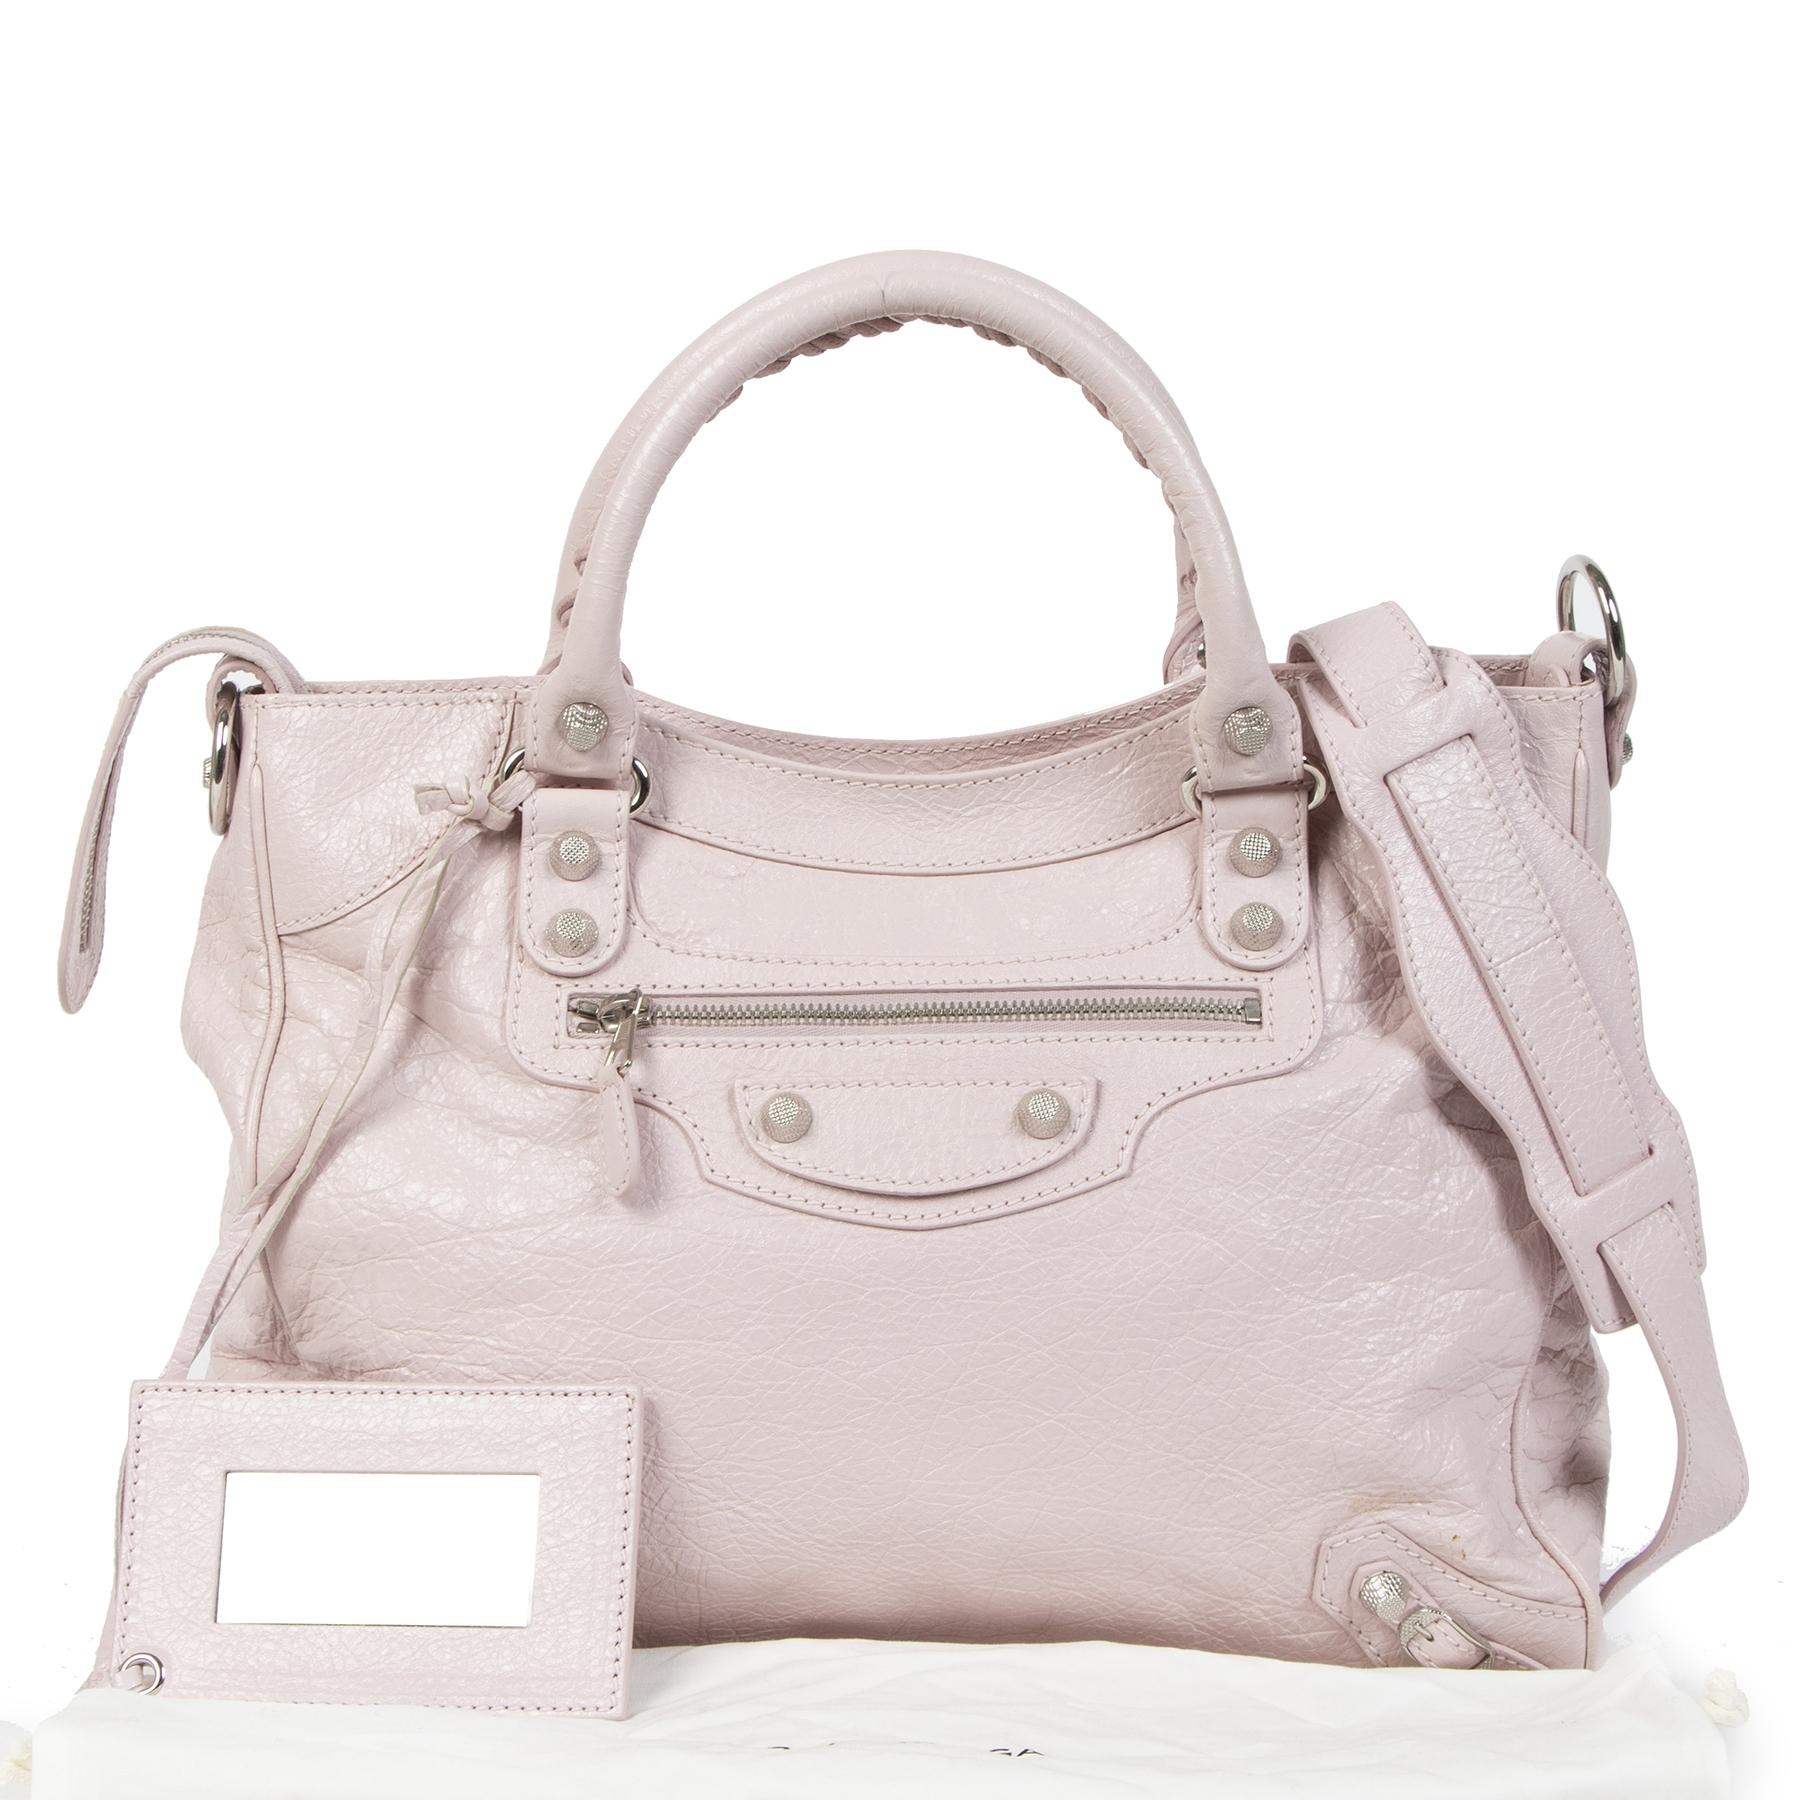 Balenciaga Light Pink Velo Top Handle Bag